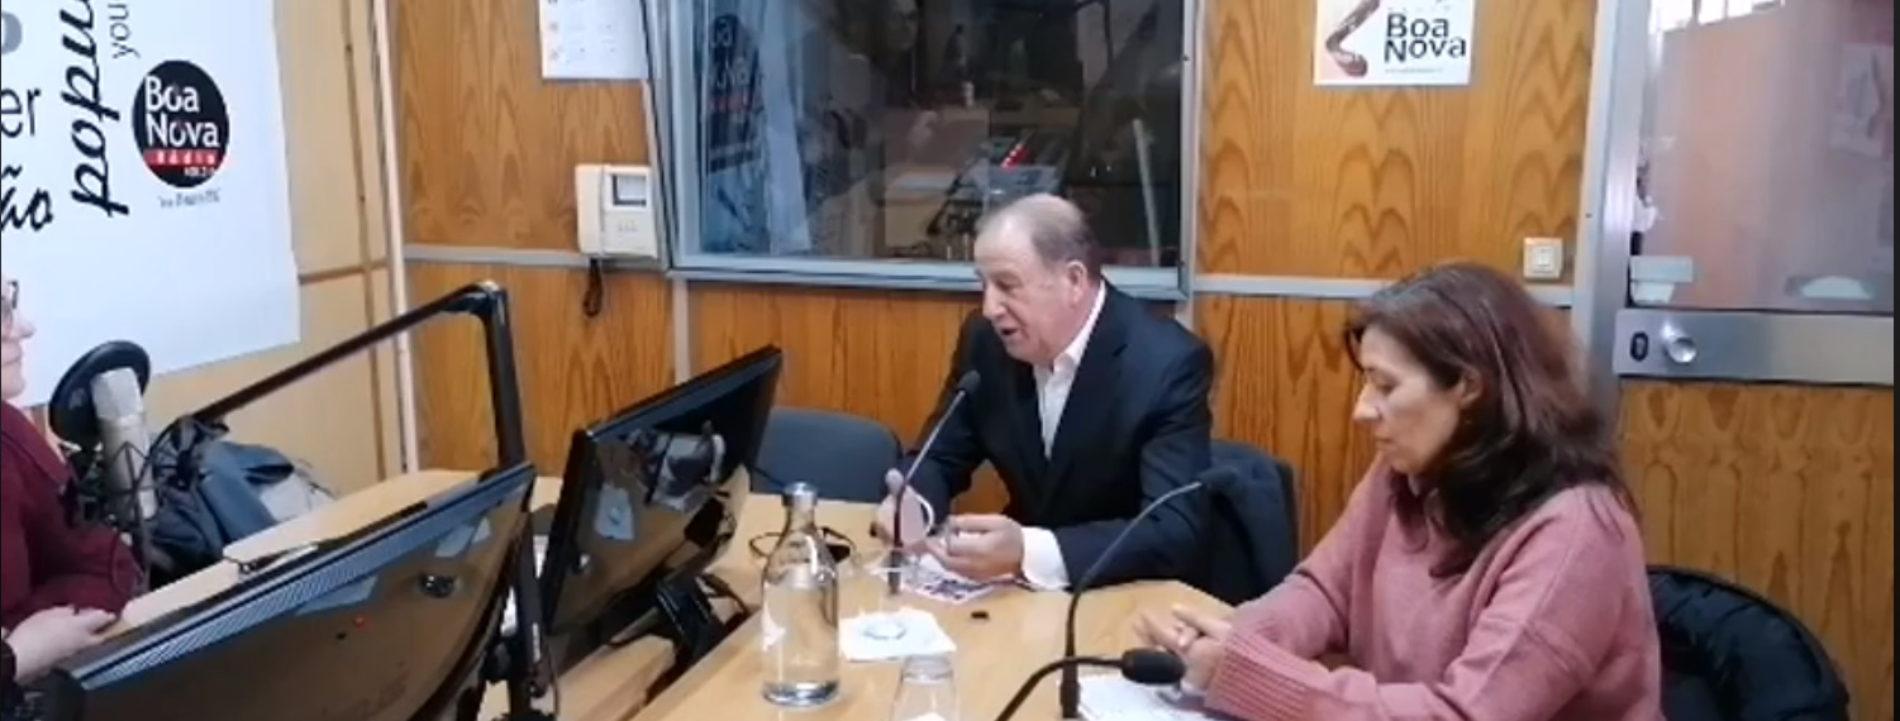 """Oliveira do Hospital aposta em Natal """"simples"""" dedicado """"às crianças e ao comércio local"""" (com vídeo)"""